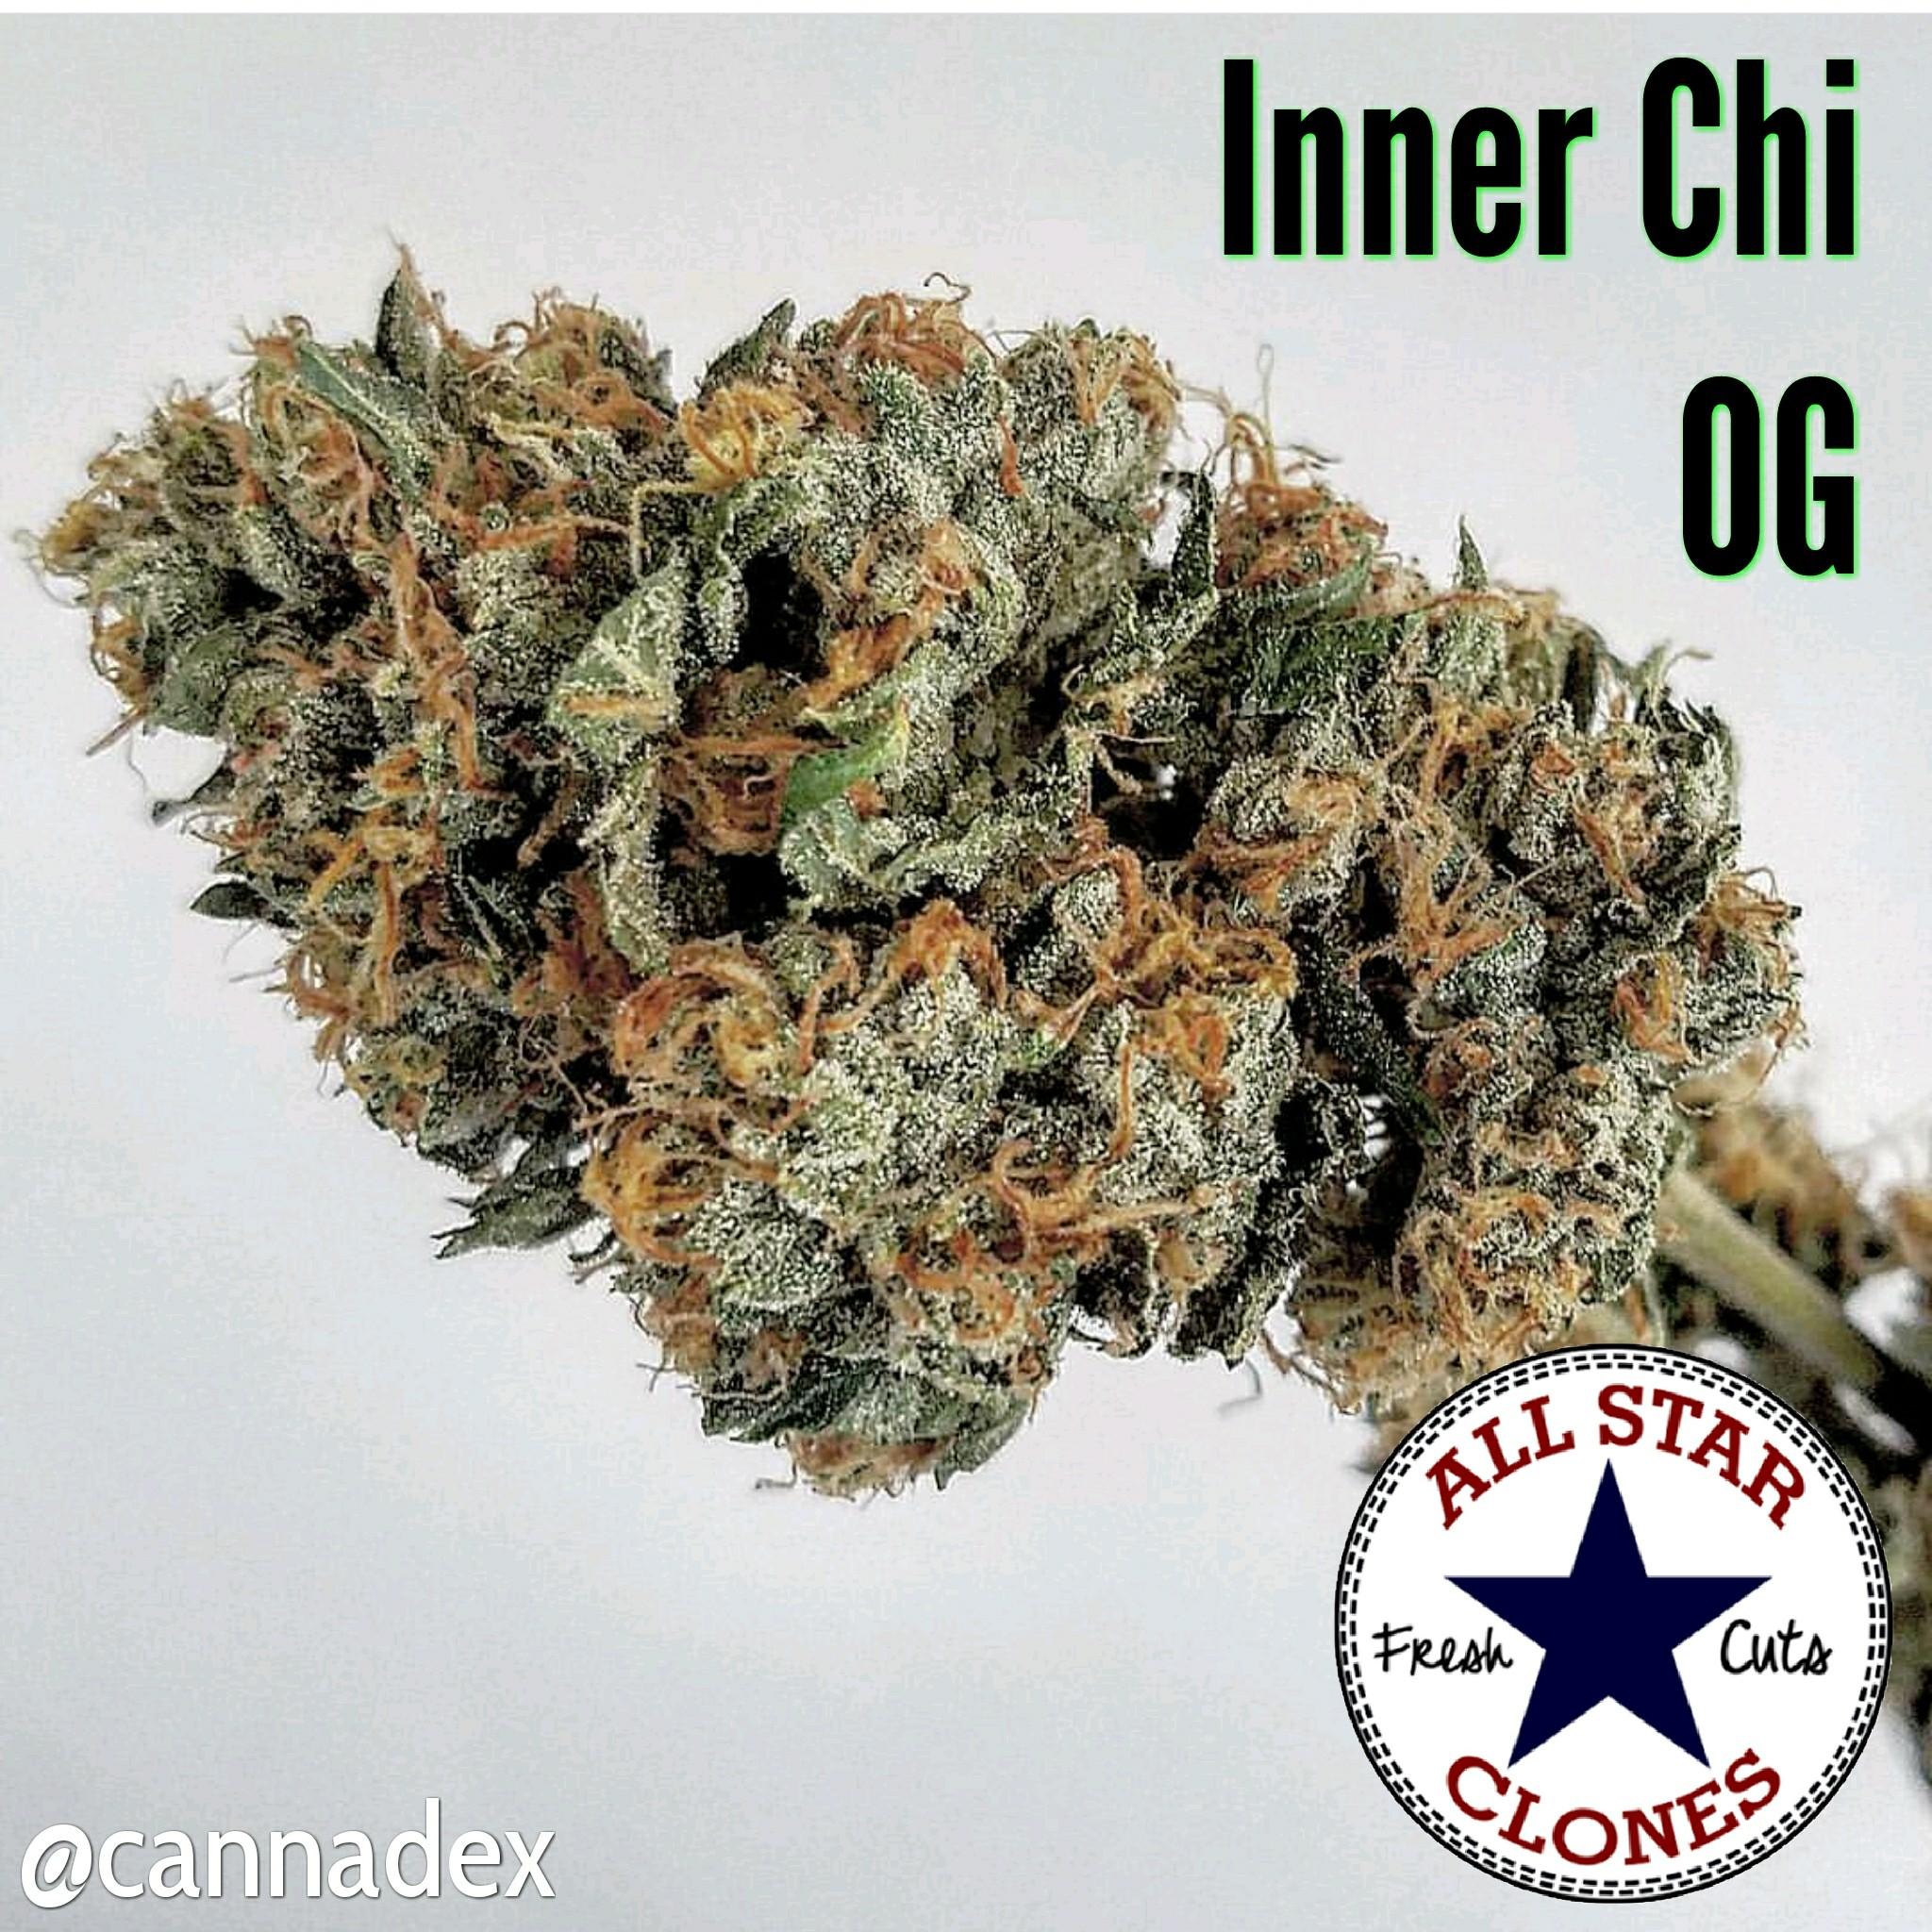 Inner Chi OG - King Klone cut